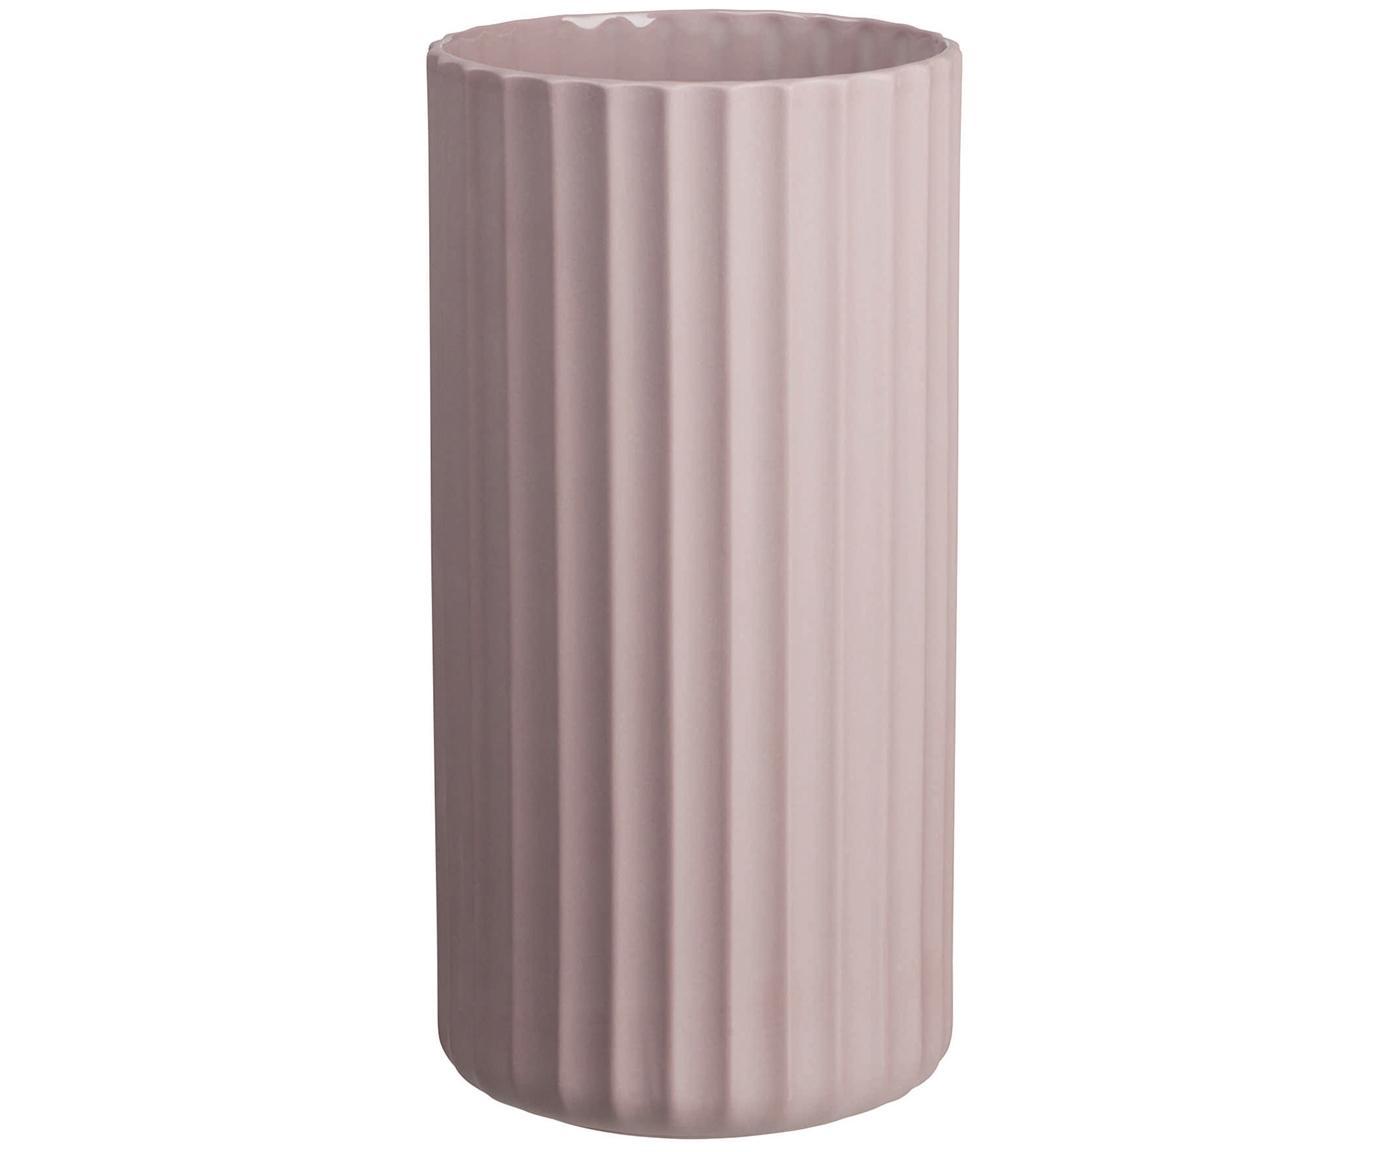 Handgefertigte Vase Yoko aus Porzellan, Porzellan, Rosa, Ø 12 x H 24 cm